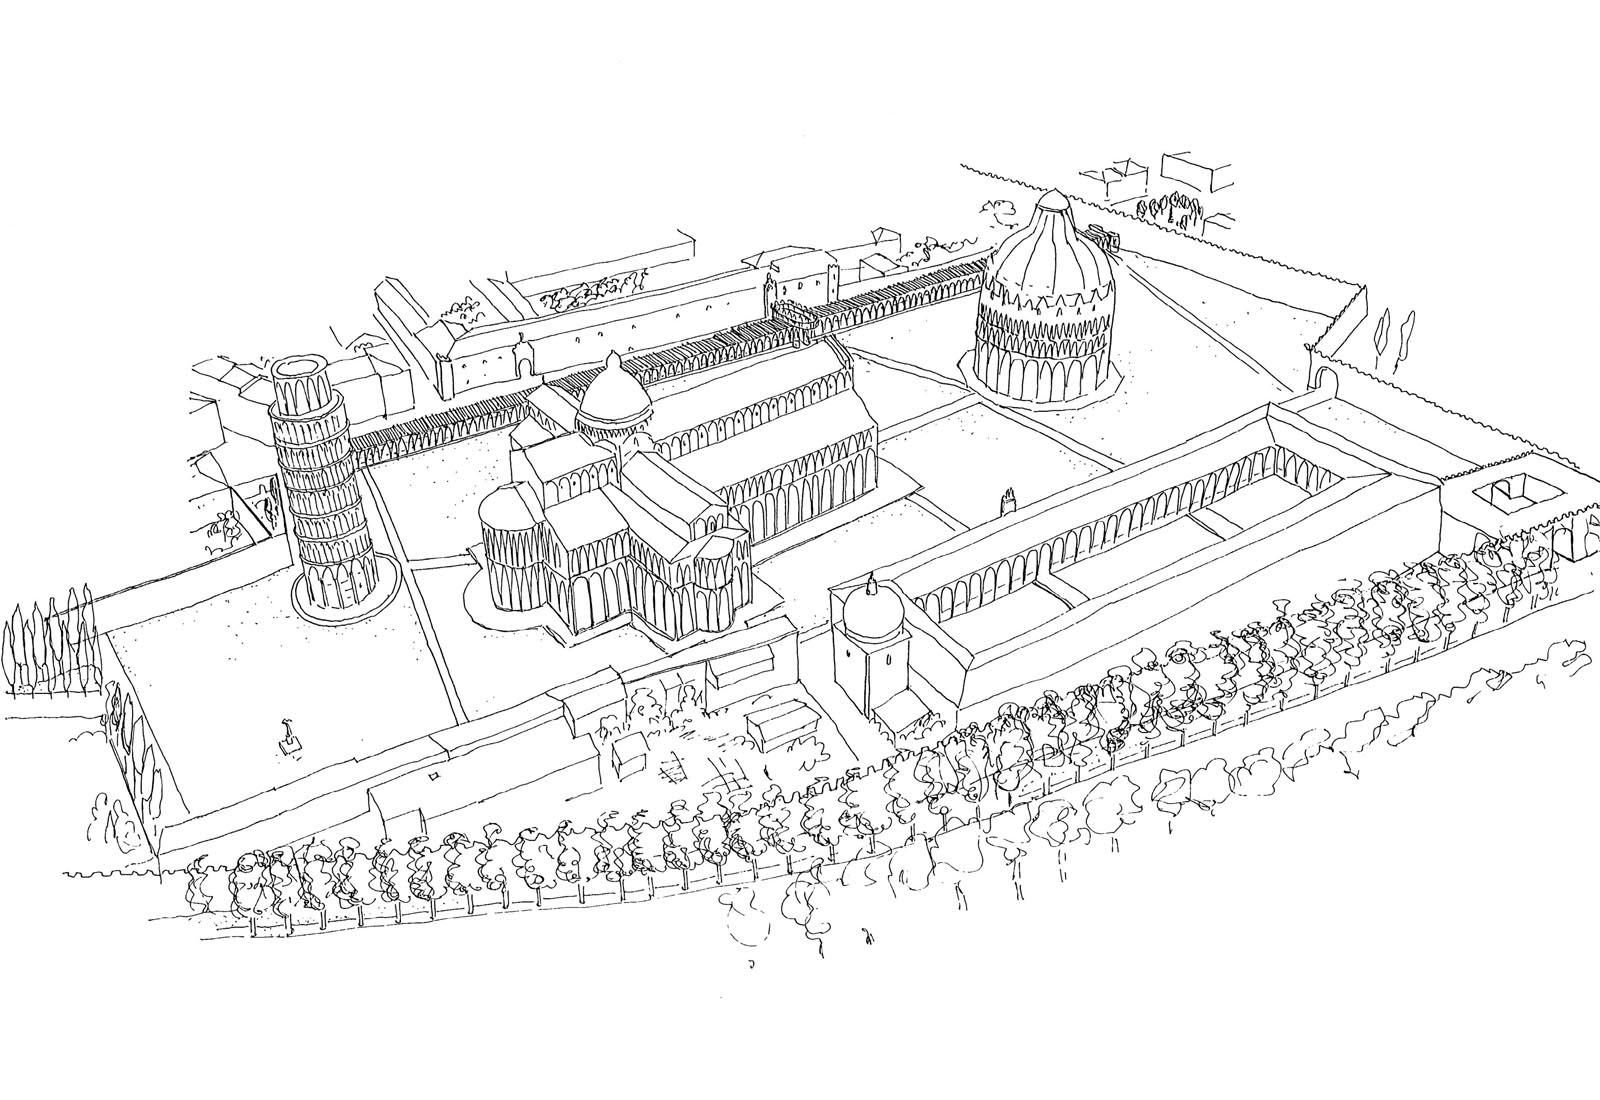 Concorso piazza dei miracoli a Pisa - Vista prospettica